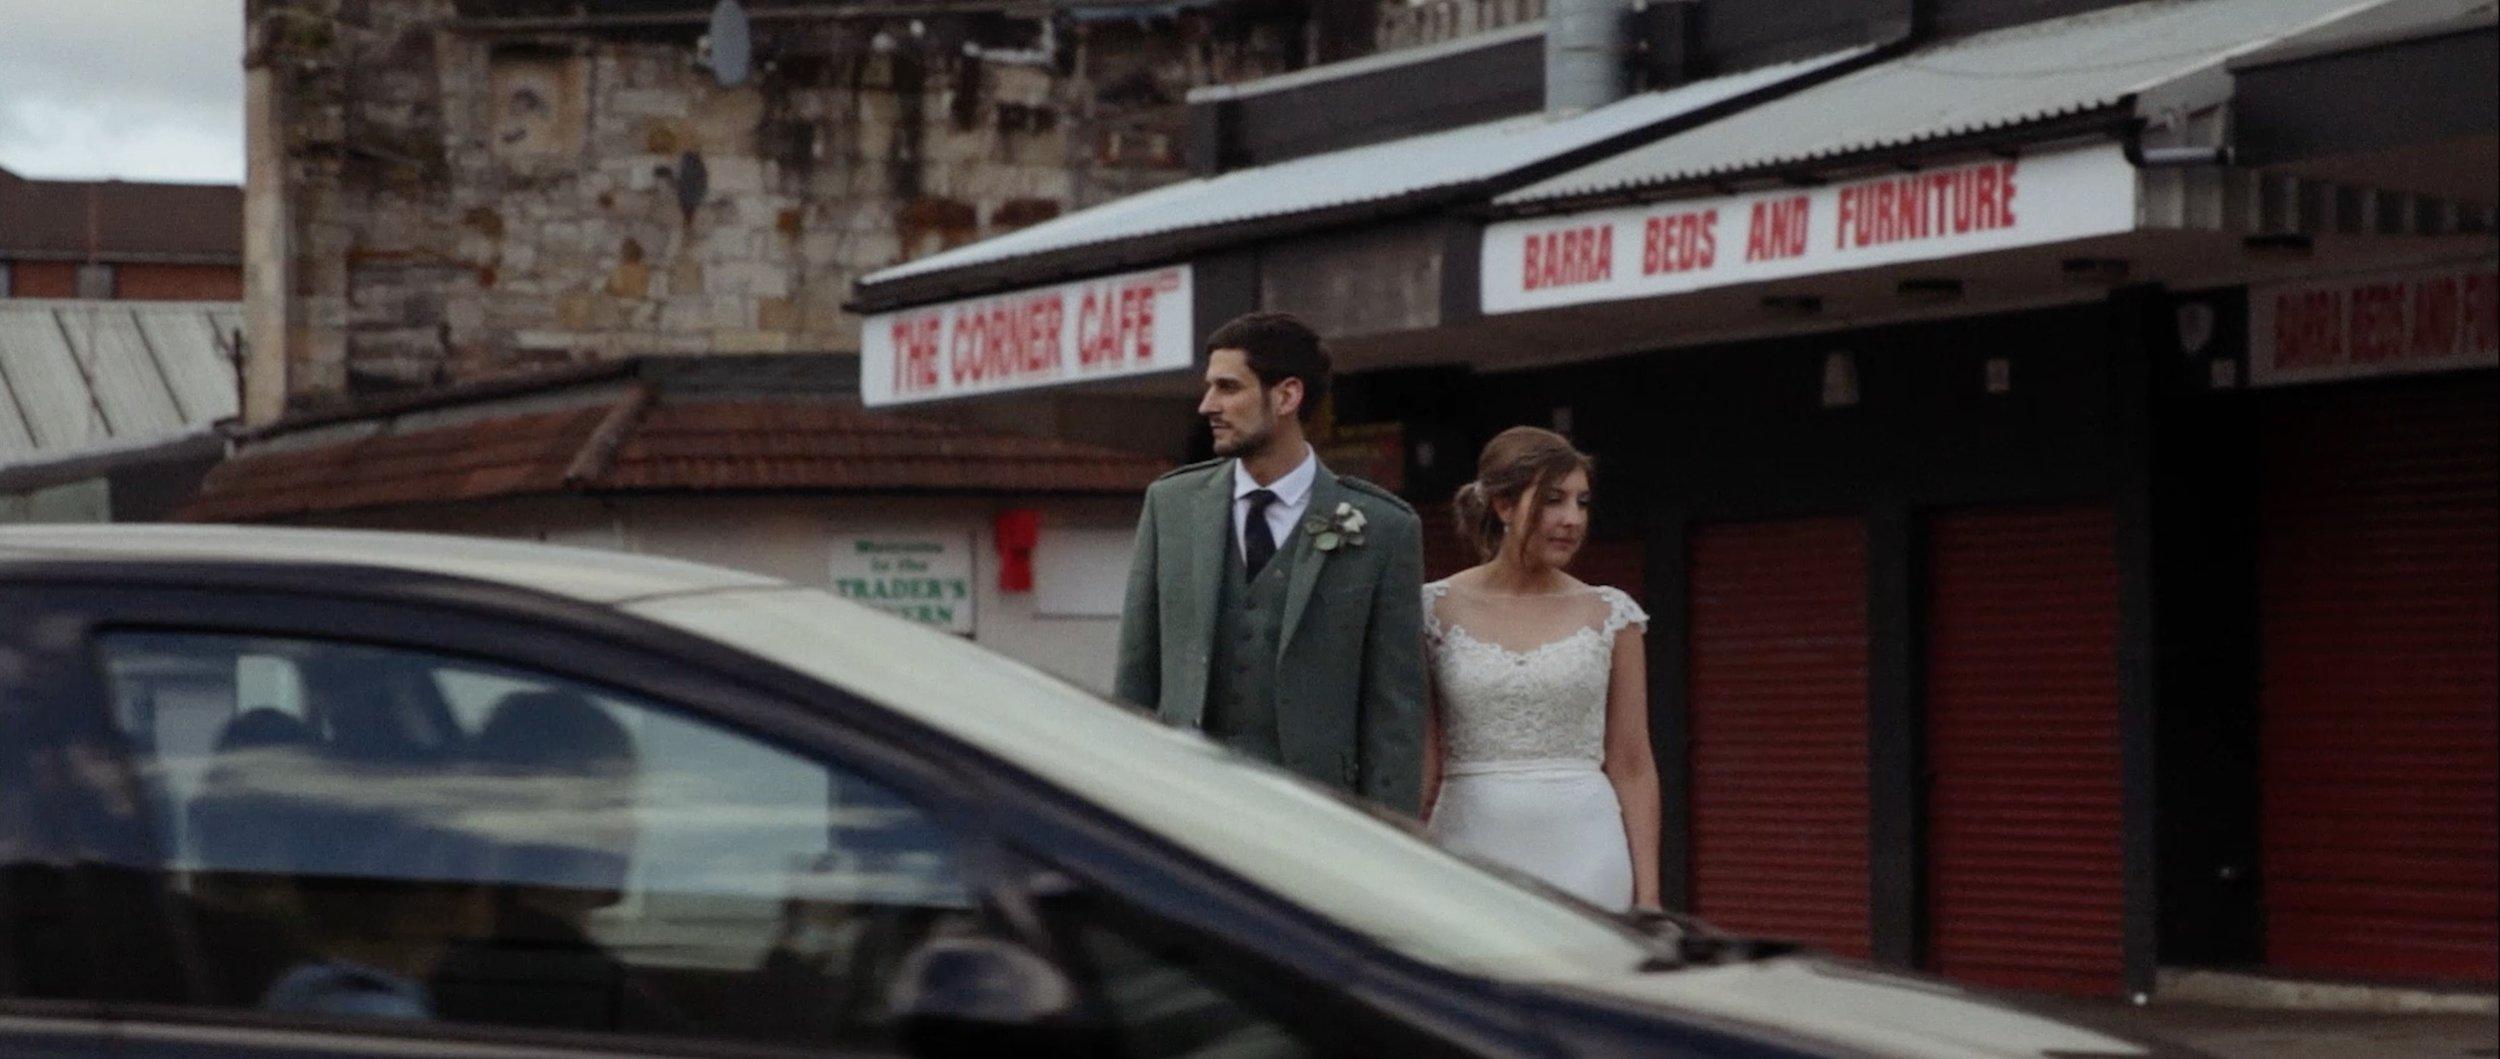 dalduff-farm-wedding-videographer_LL_05.jpg